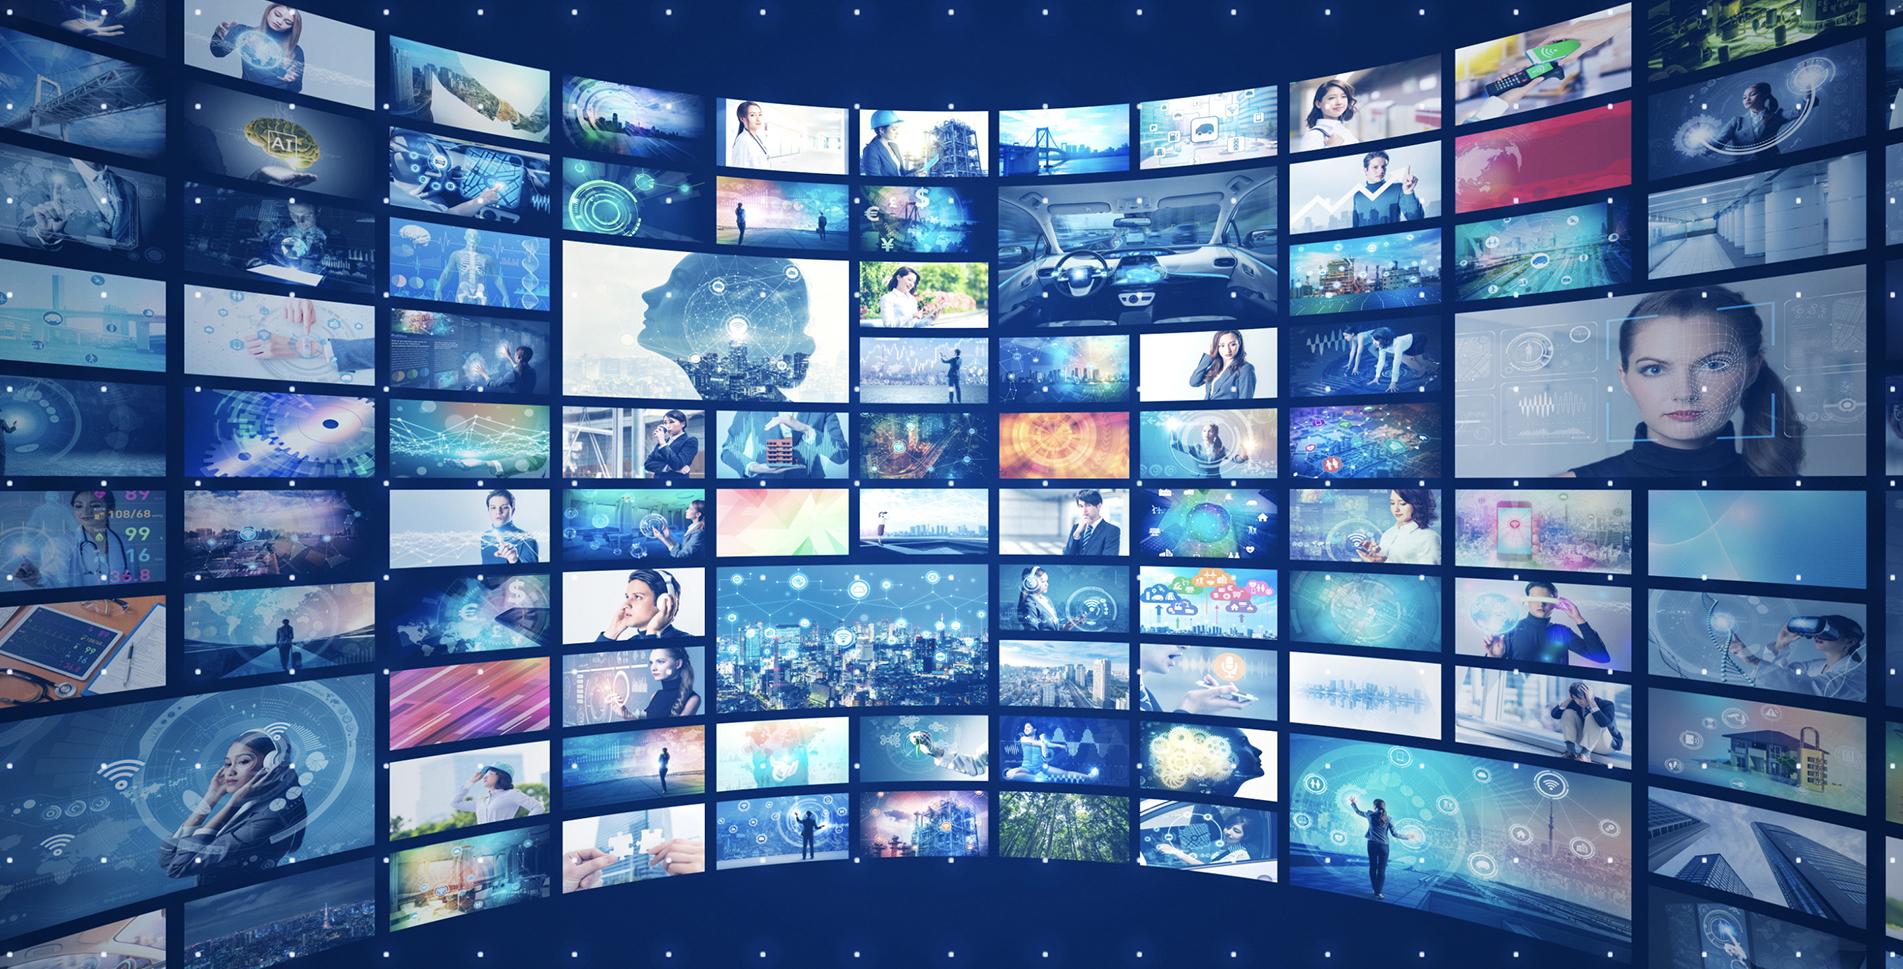 Yenilenen Mevzuat Kapsamında TÜBİTAK - TEYDEB Mali Raporlarının Hazırlanması (Webcast)